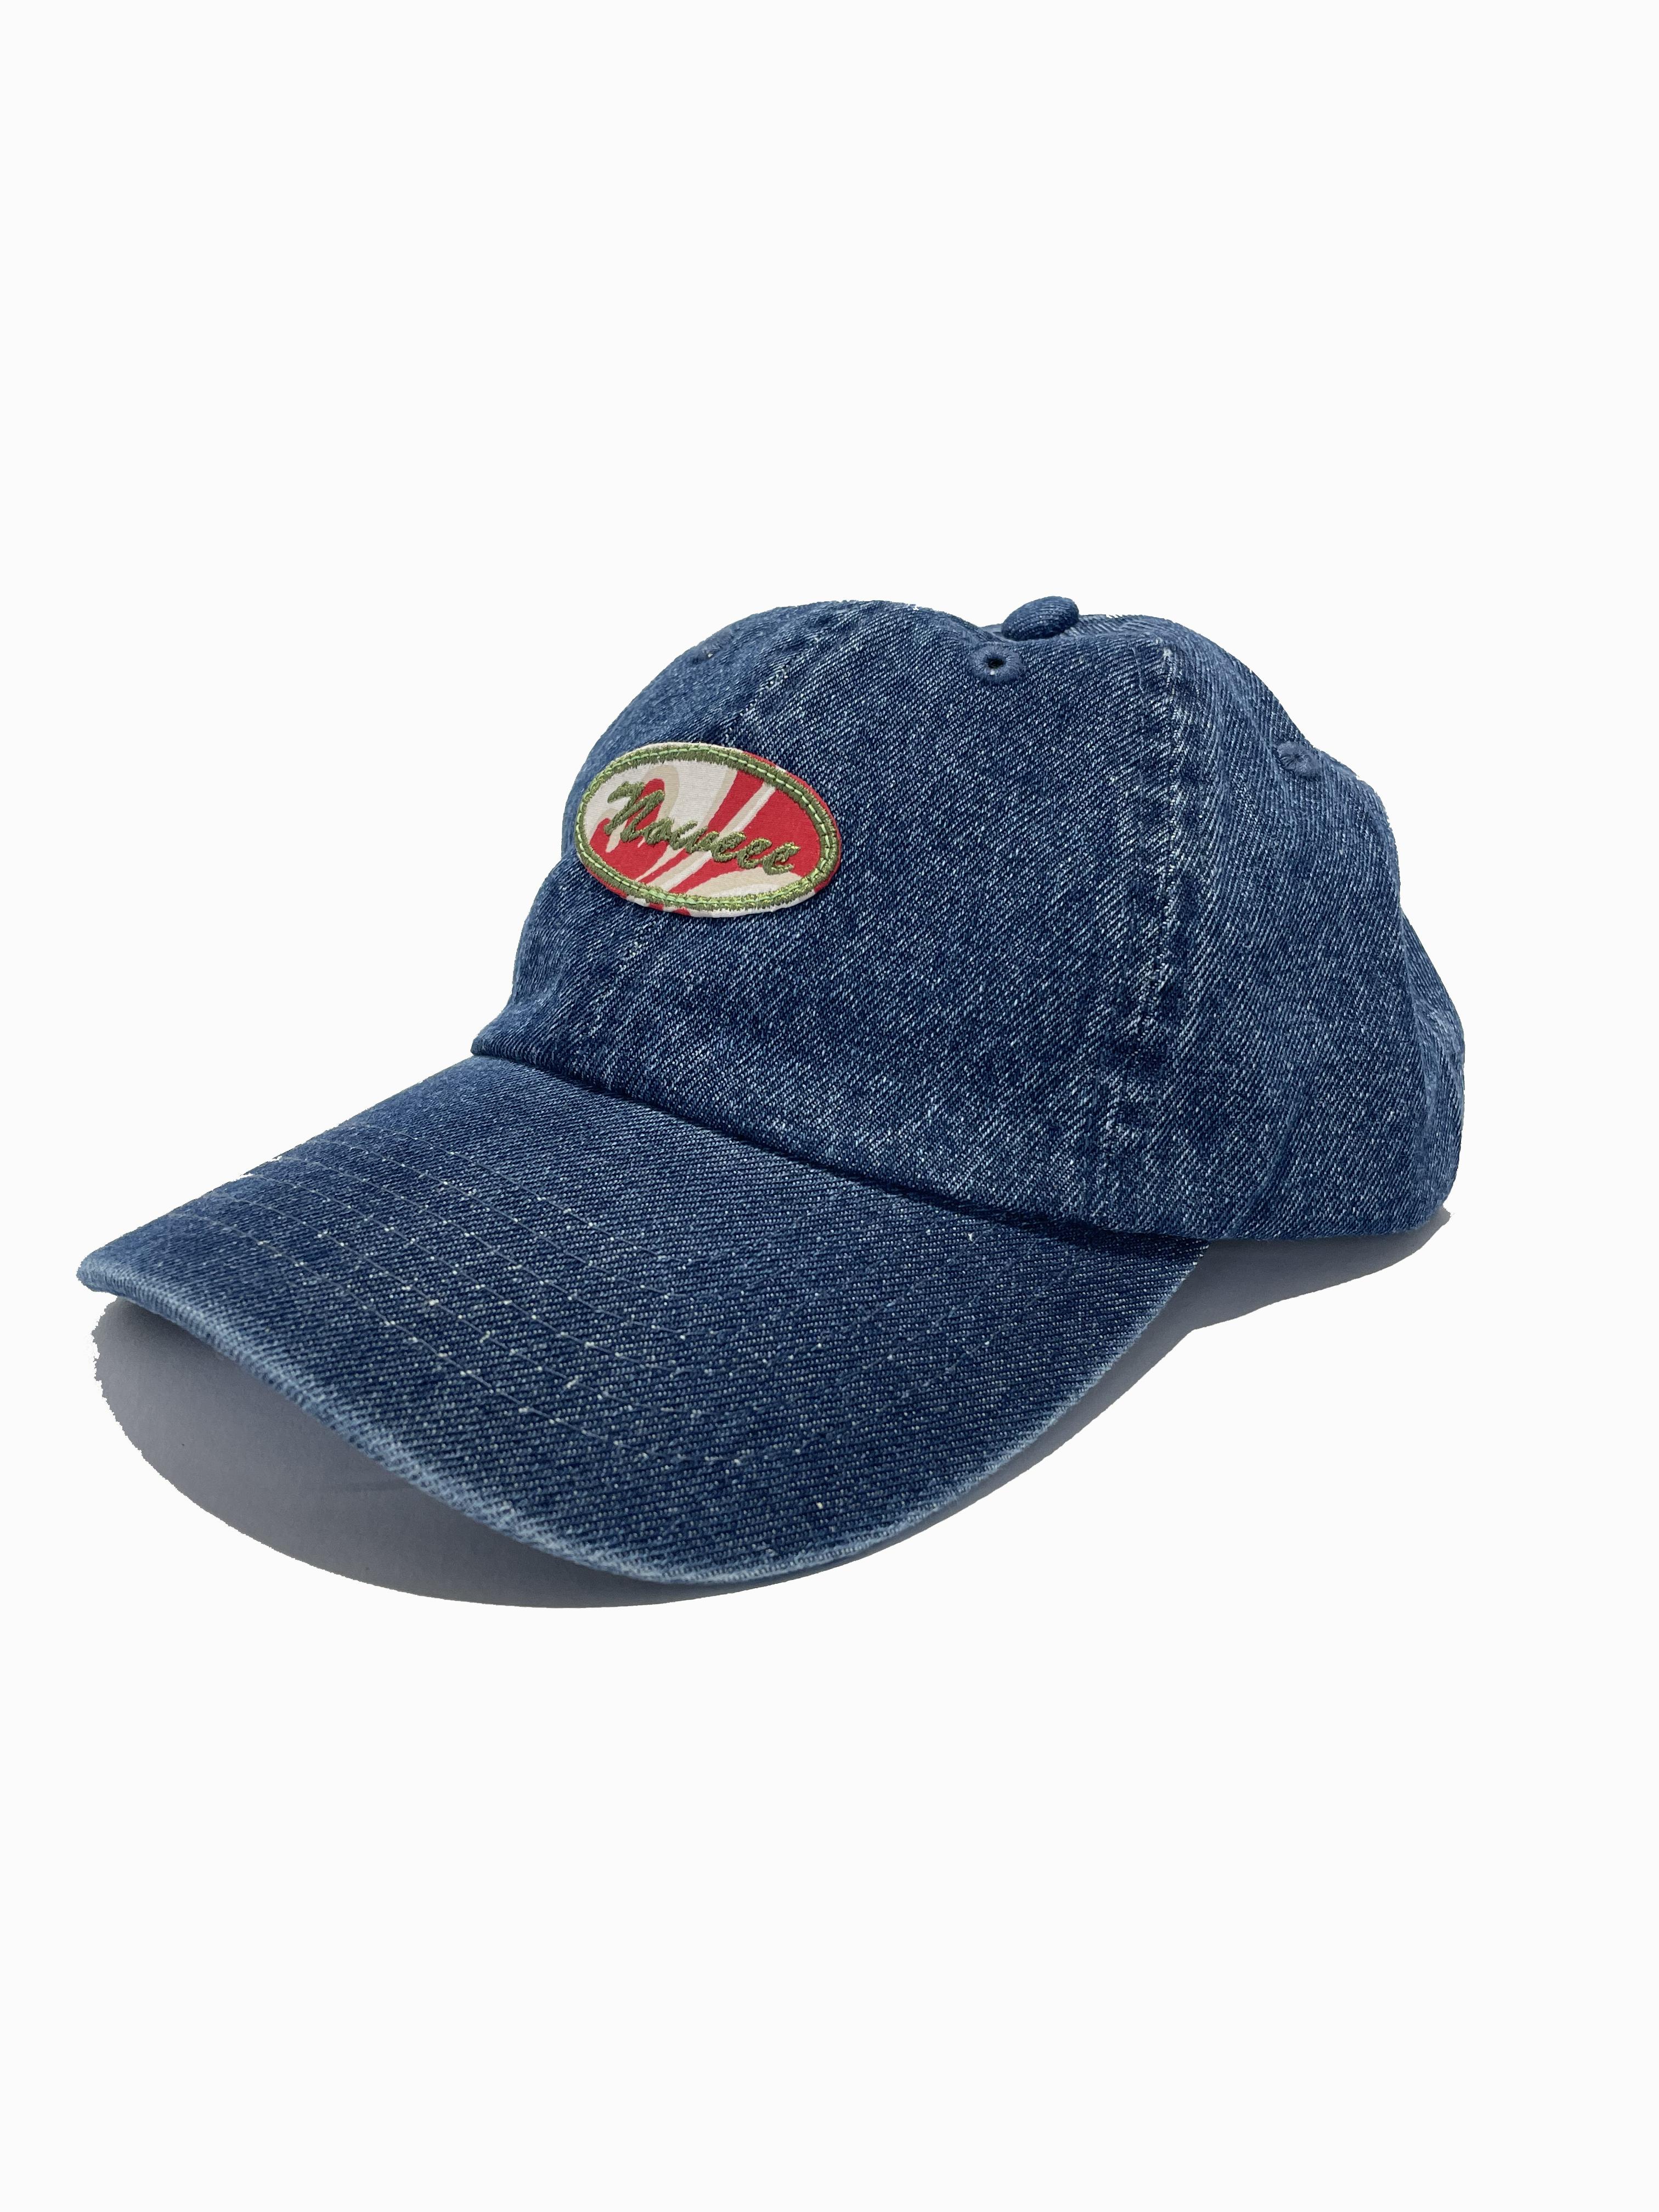 ローキャップ 【ダークブルーデニム】 帽子 キャップ